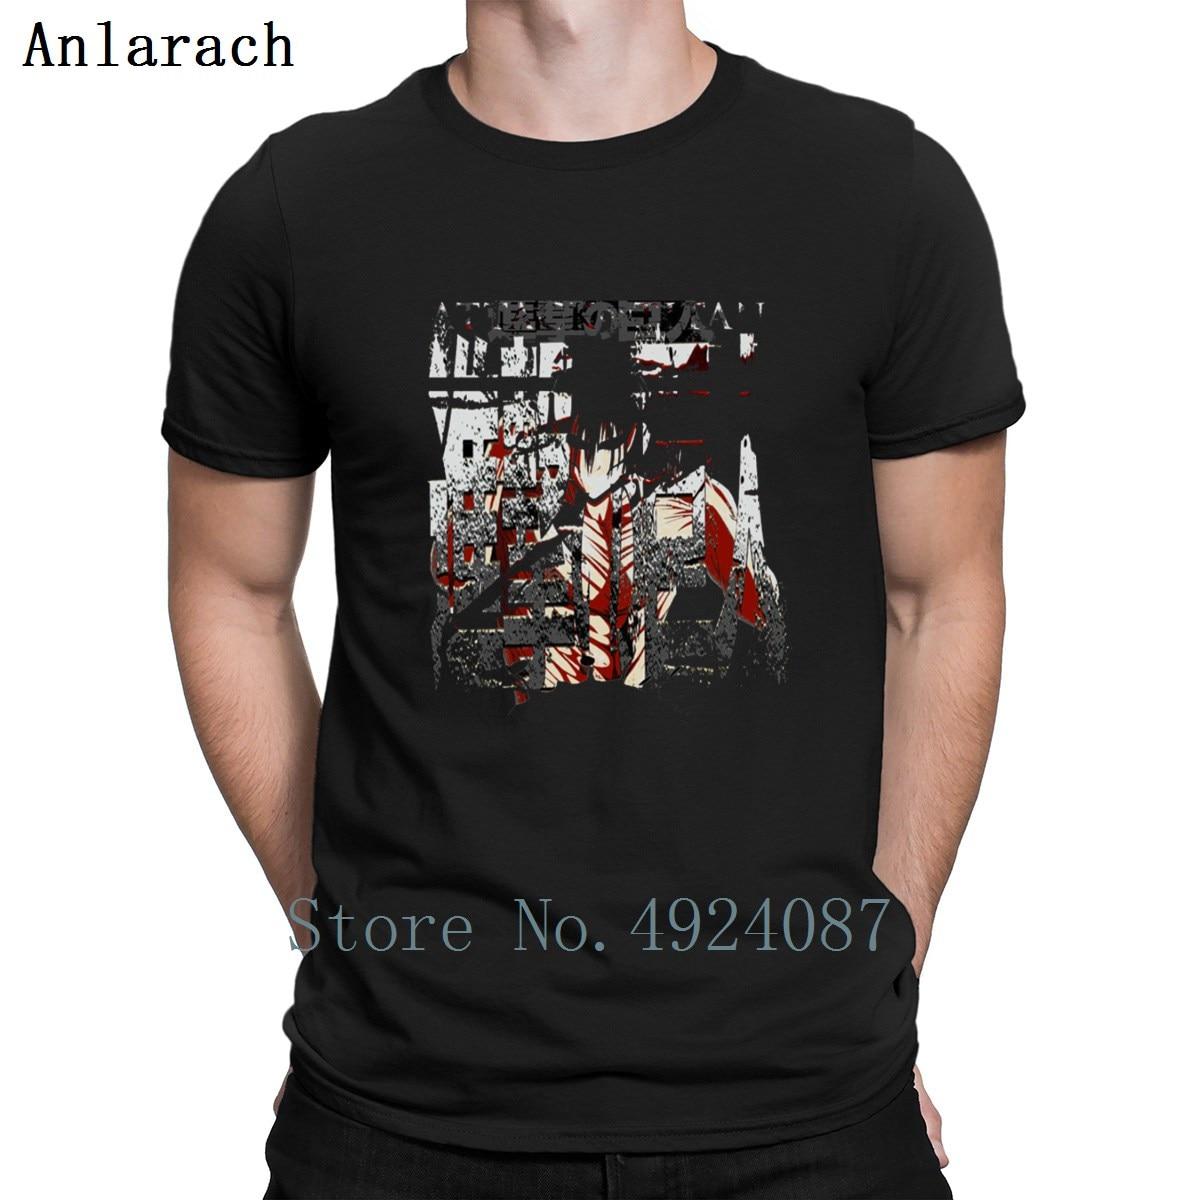 Camiseta de Jersey Grunge Attack On Titan, gran camiseta personalizada de verano, divertidas camisetas con personalidad, camisetas para hombres, bonitas y famosas camisetas para hombre